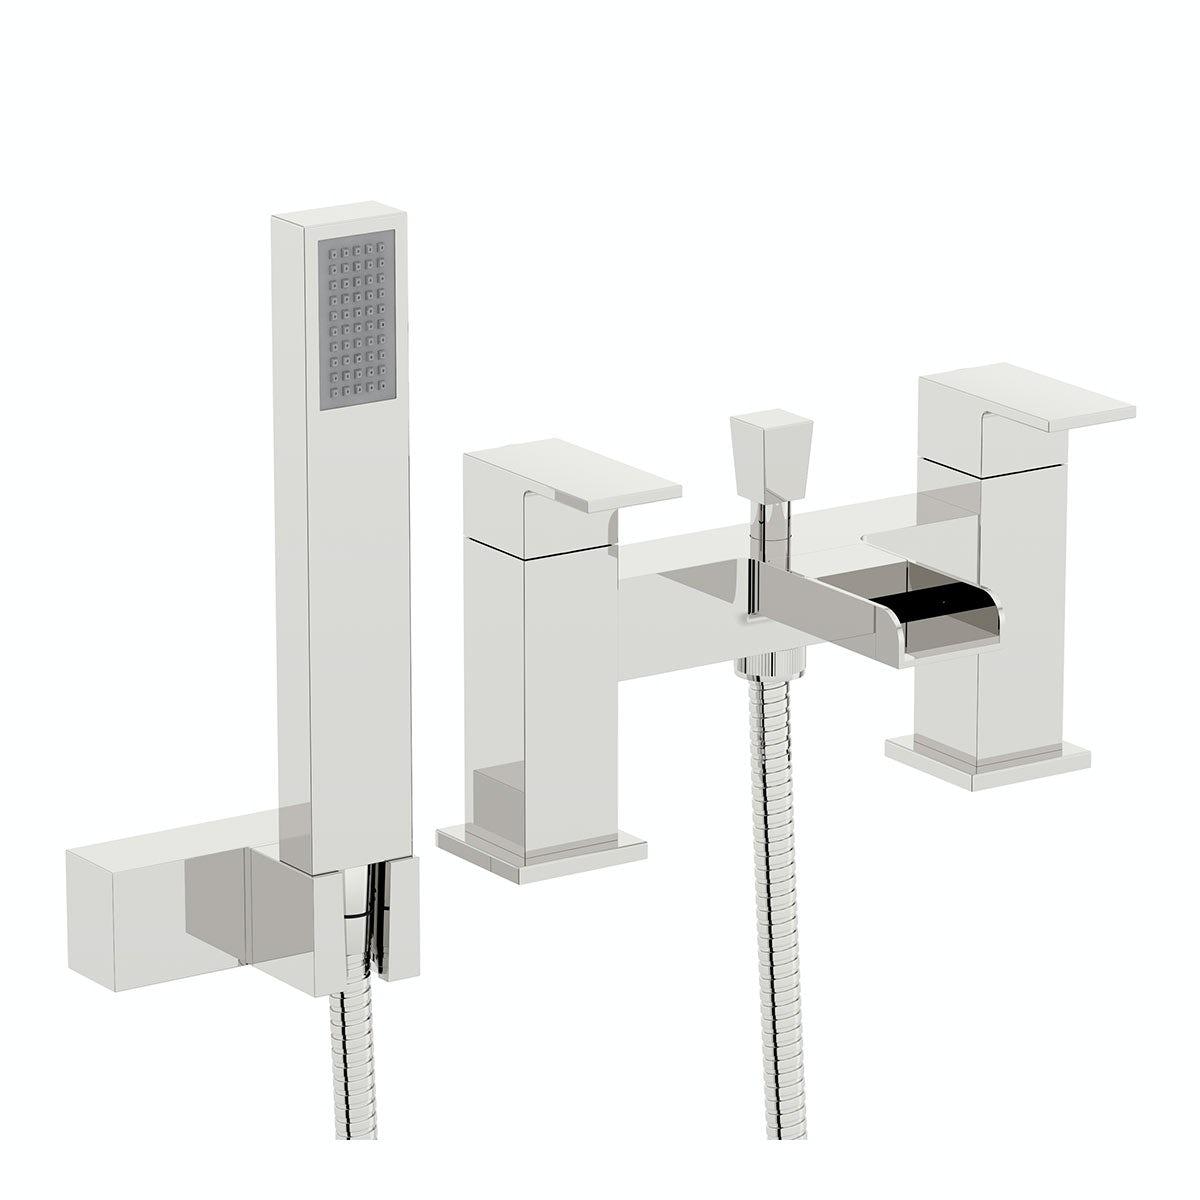 Orchard Derwent waterfall bath shower mixer tap